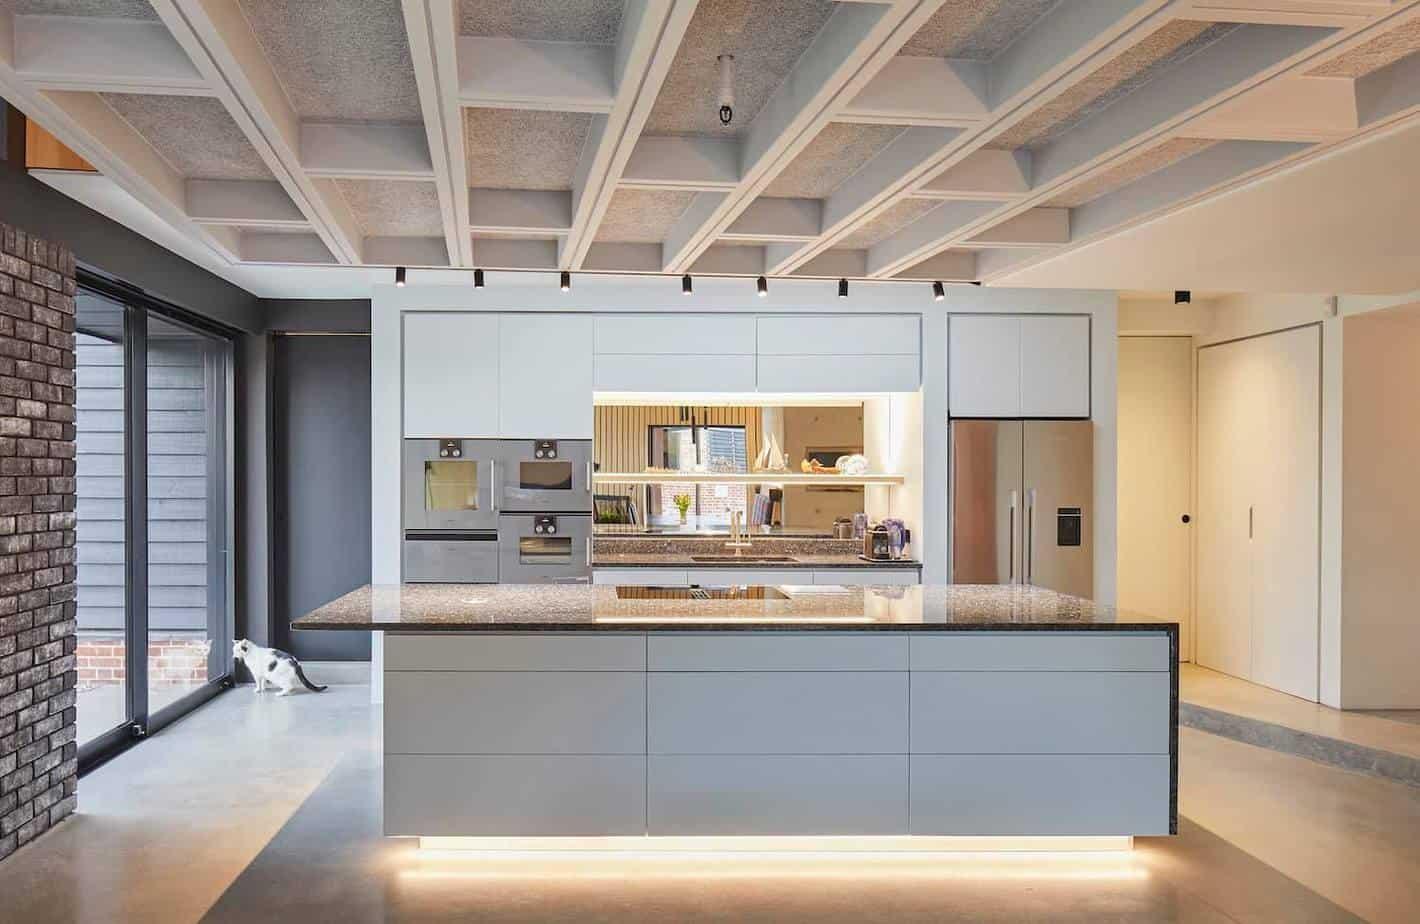 ceiling design 2022